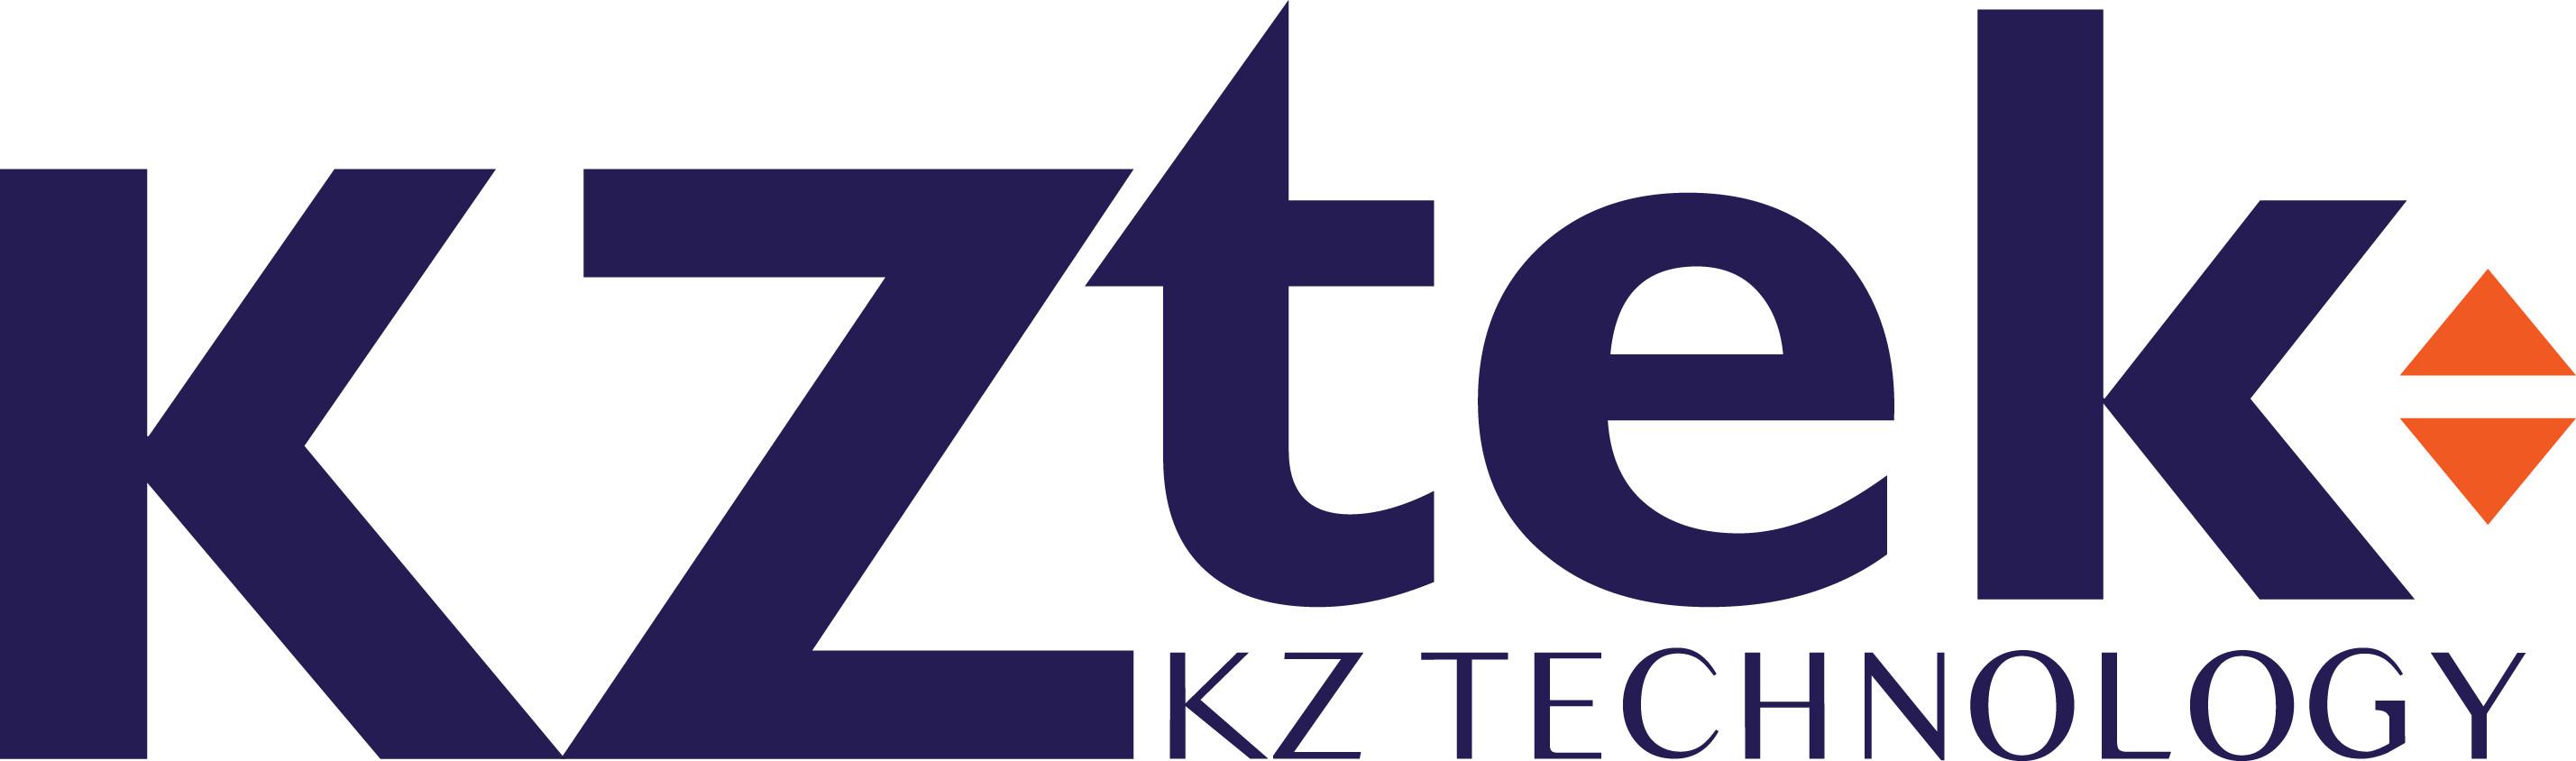 Công ty cổ phần đầu tư và phát triển KZTEK